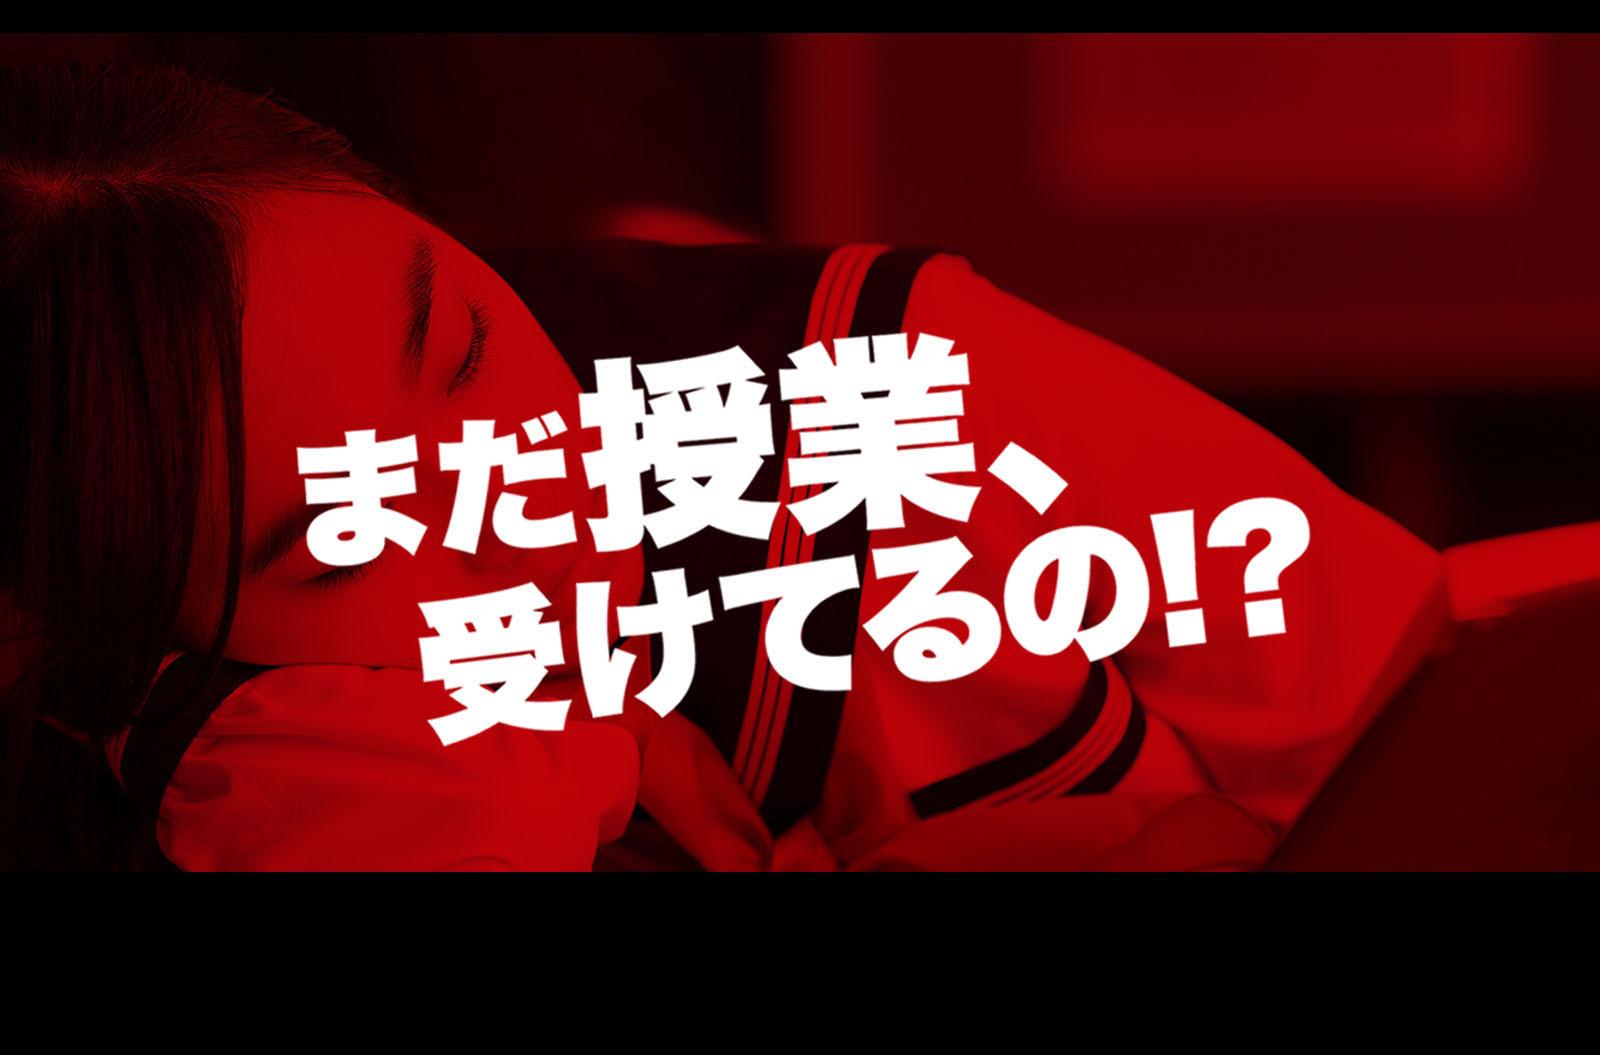 えっ?まだ授業受けてるの? 日本初!授業をしない塾。武田塾